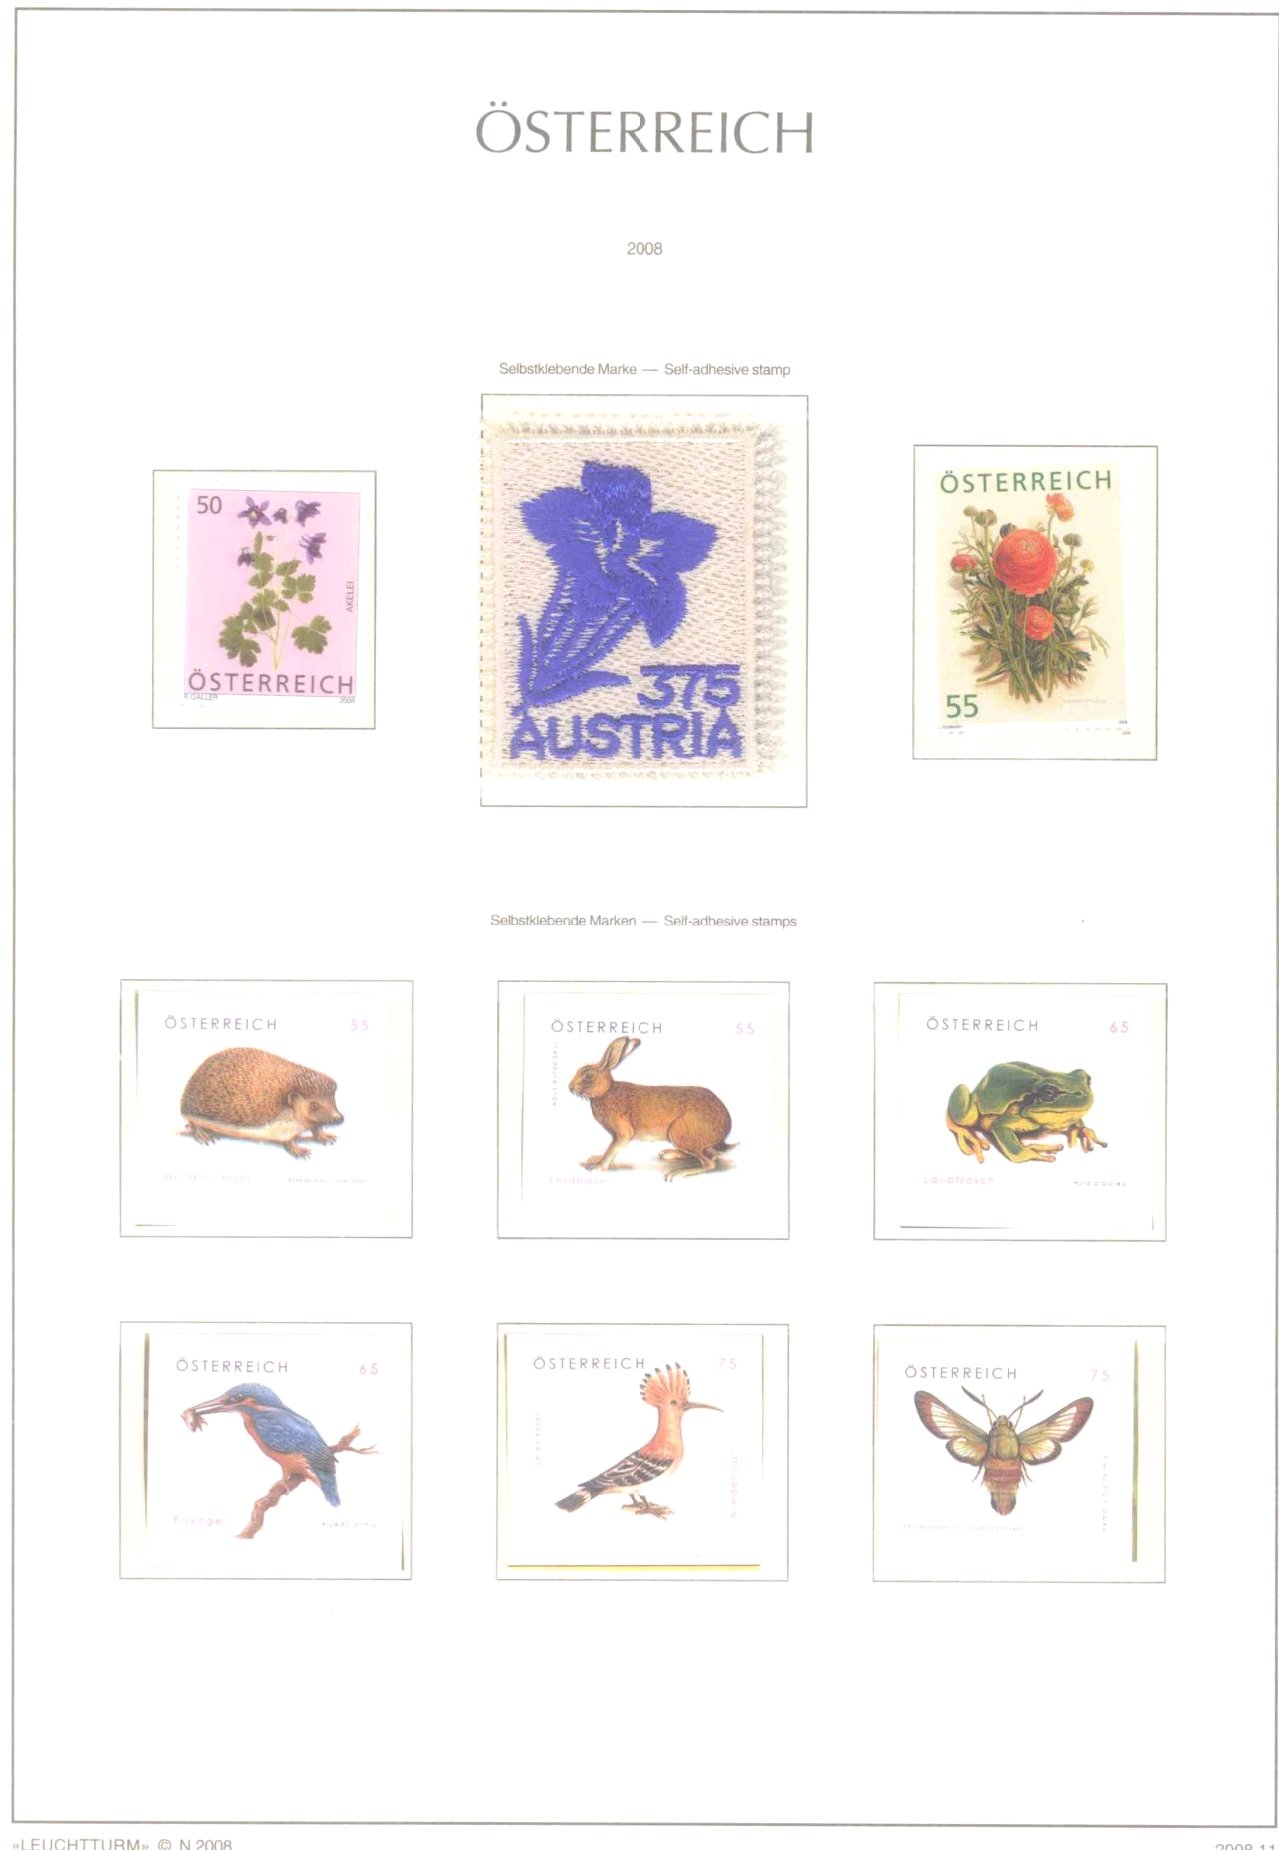 Österreich, 2006-2016 postfrisch, über 1000 Euro Nomi-2